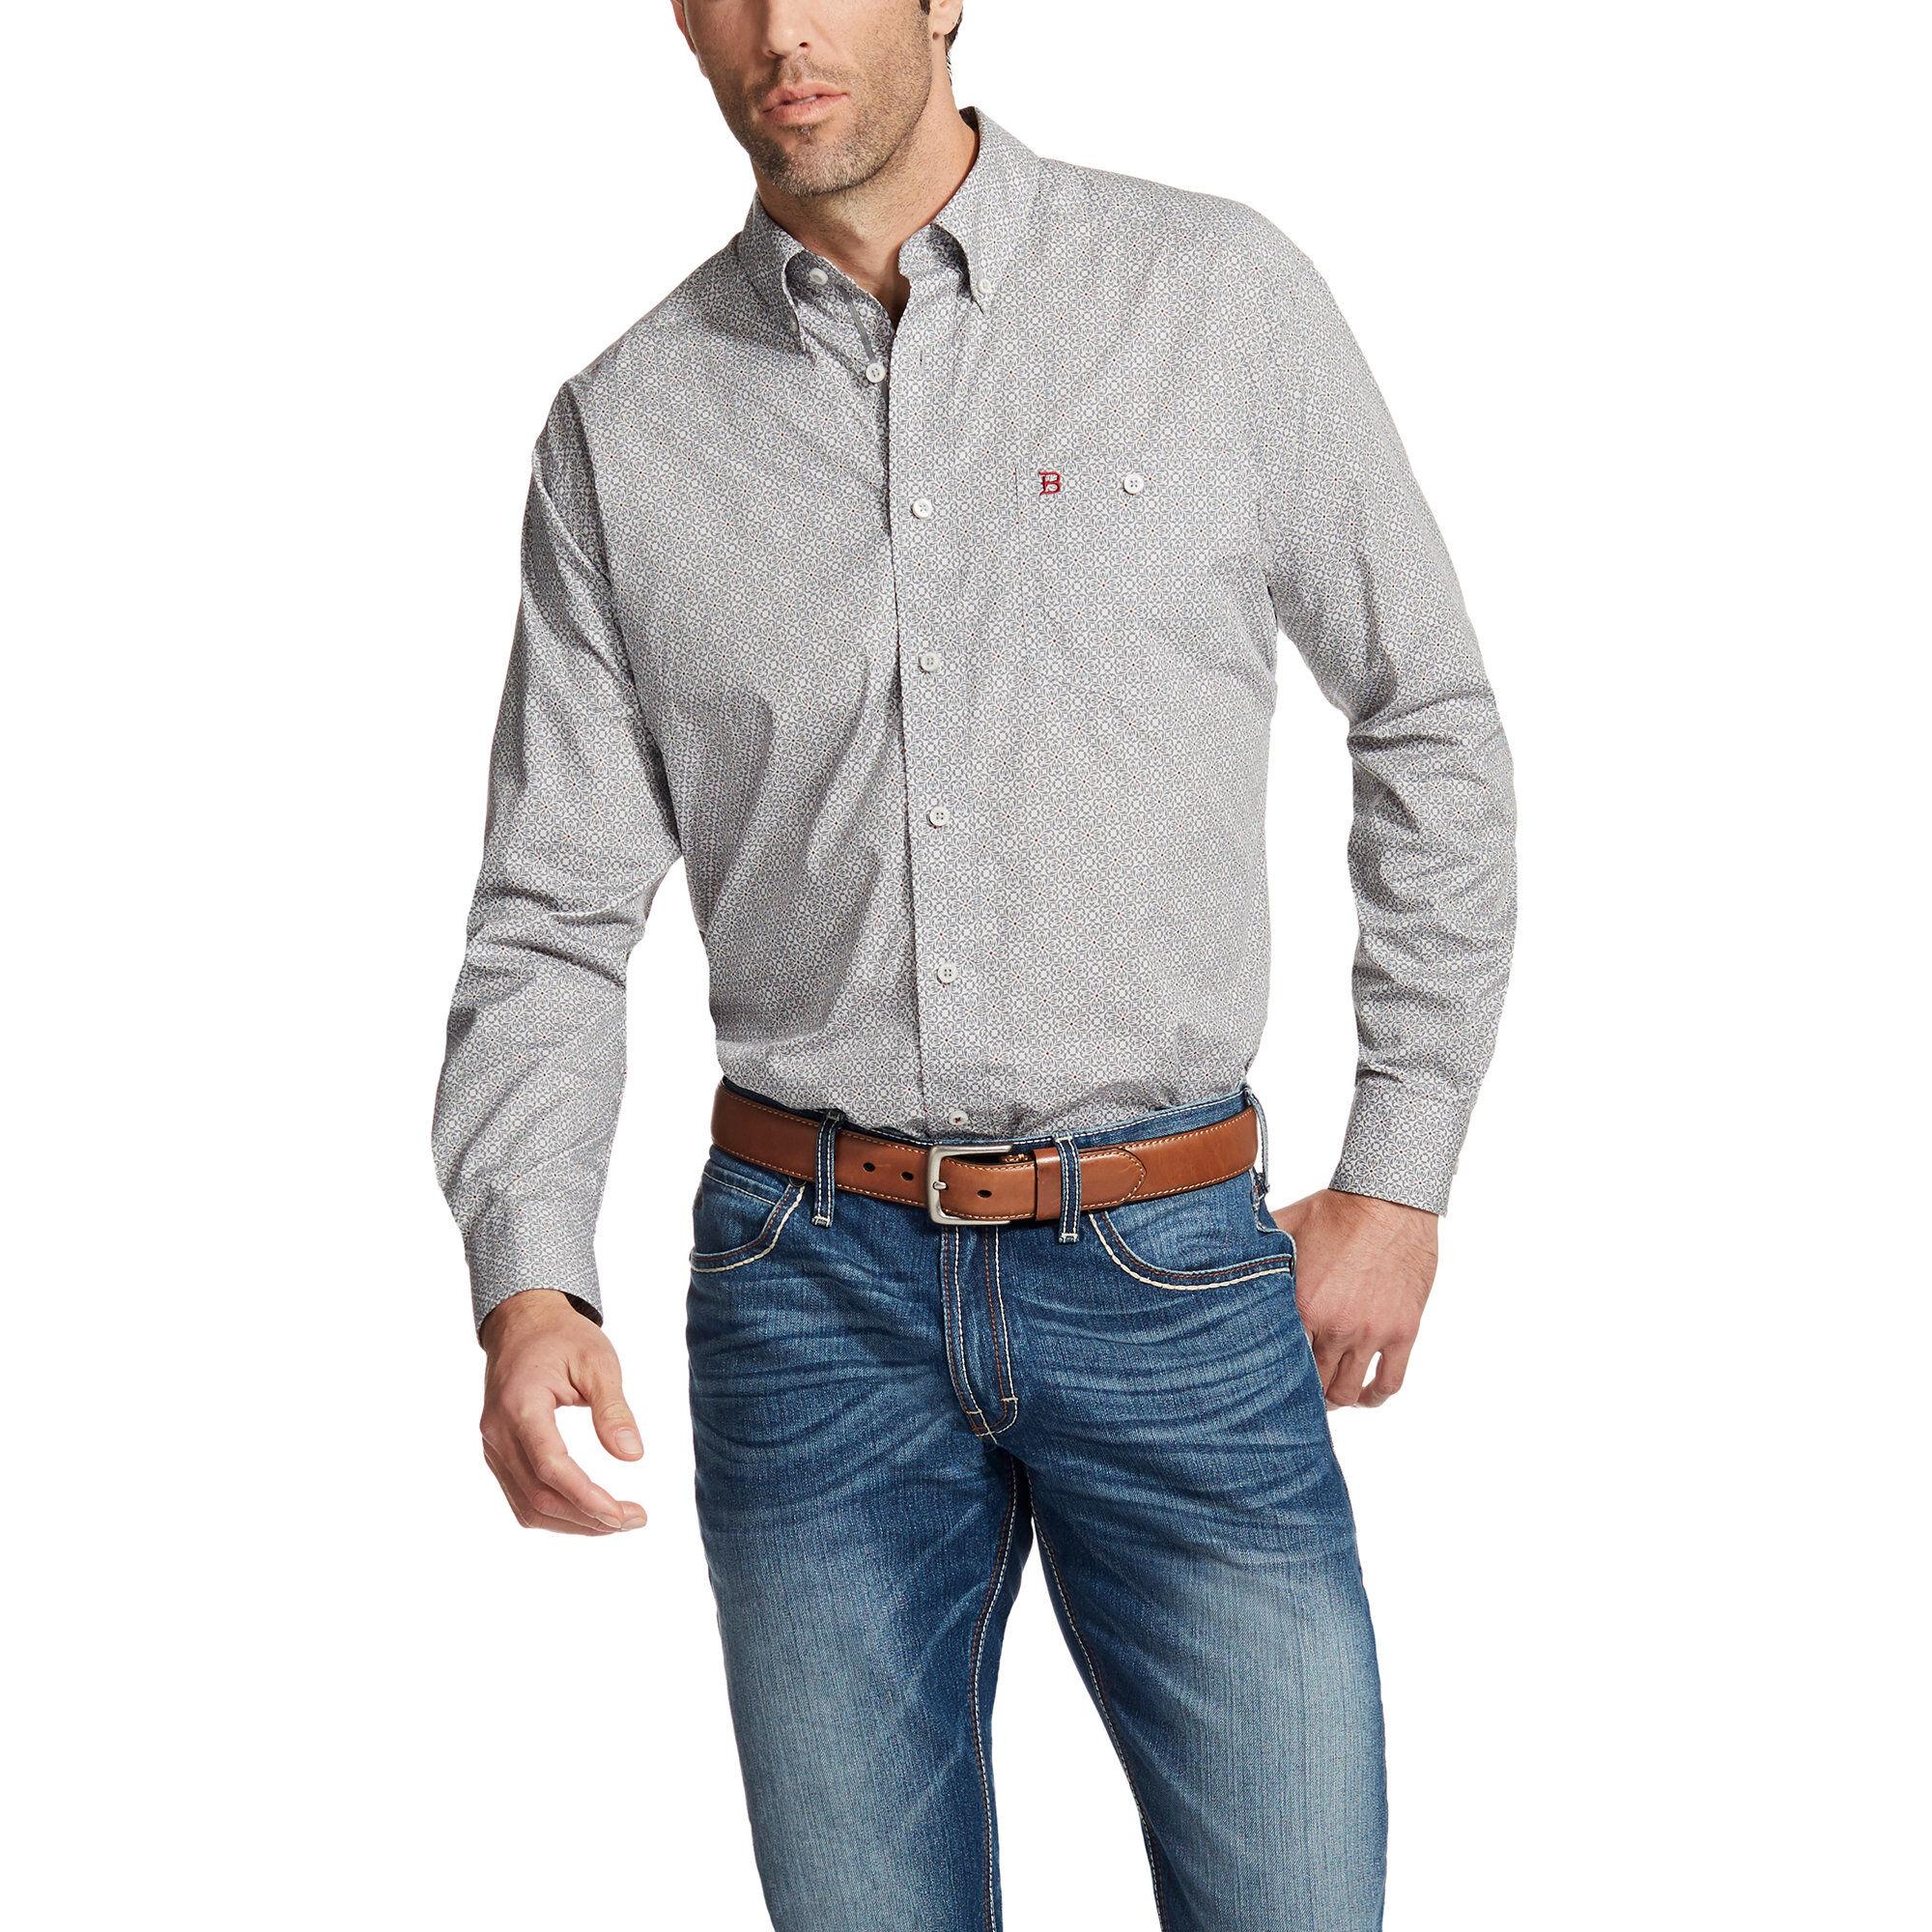 Relentless Rider Shirt